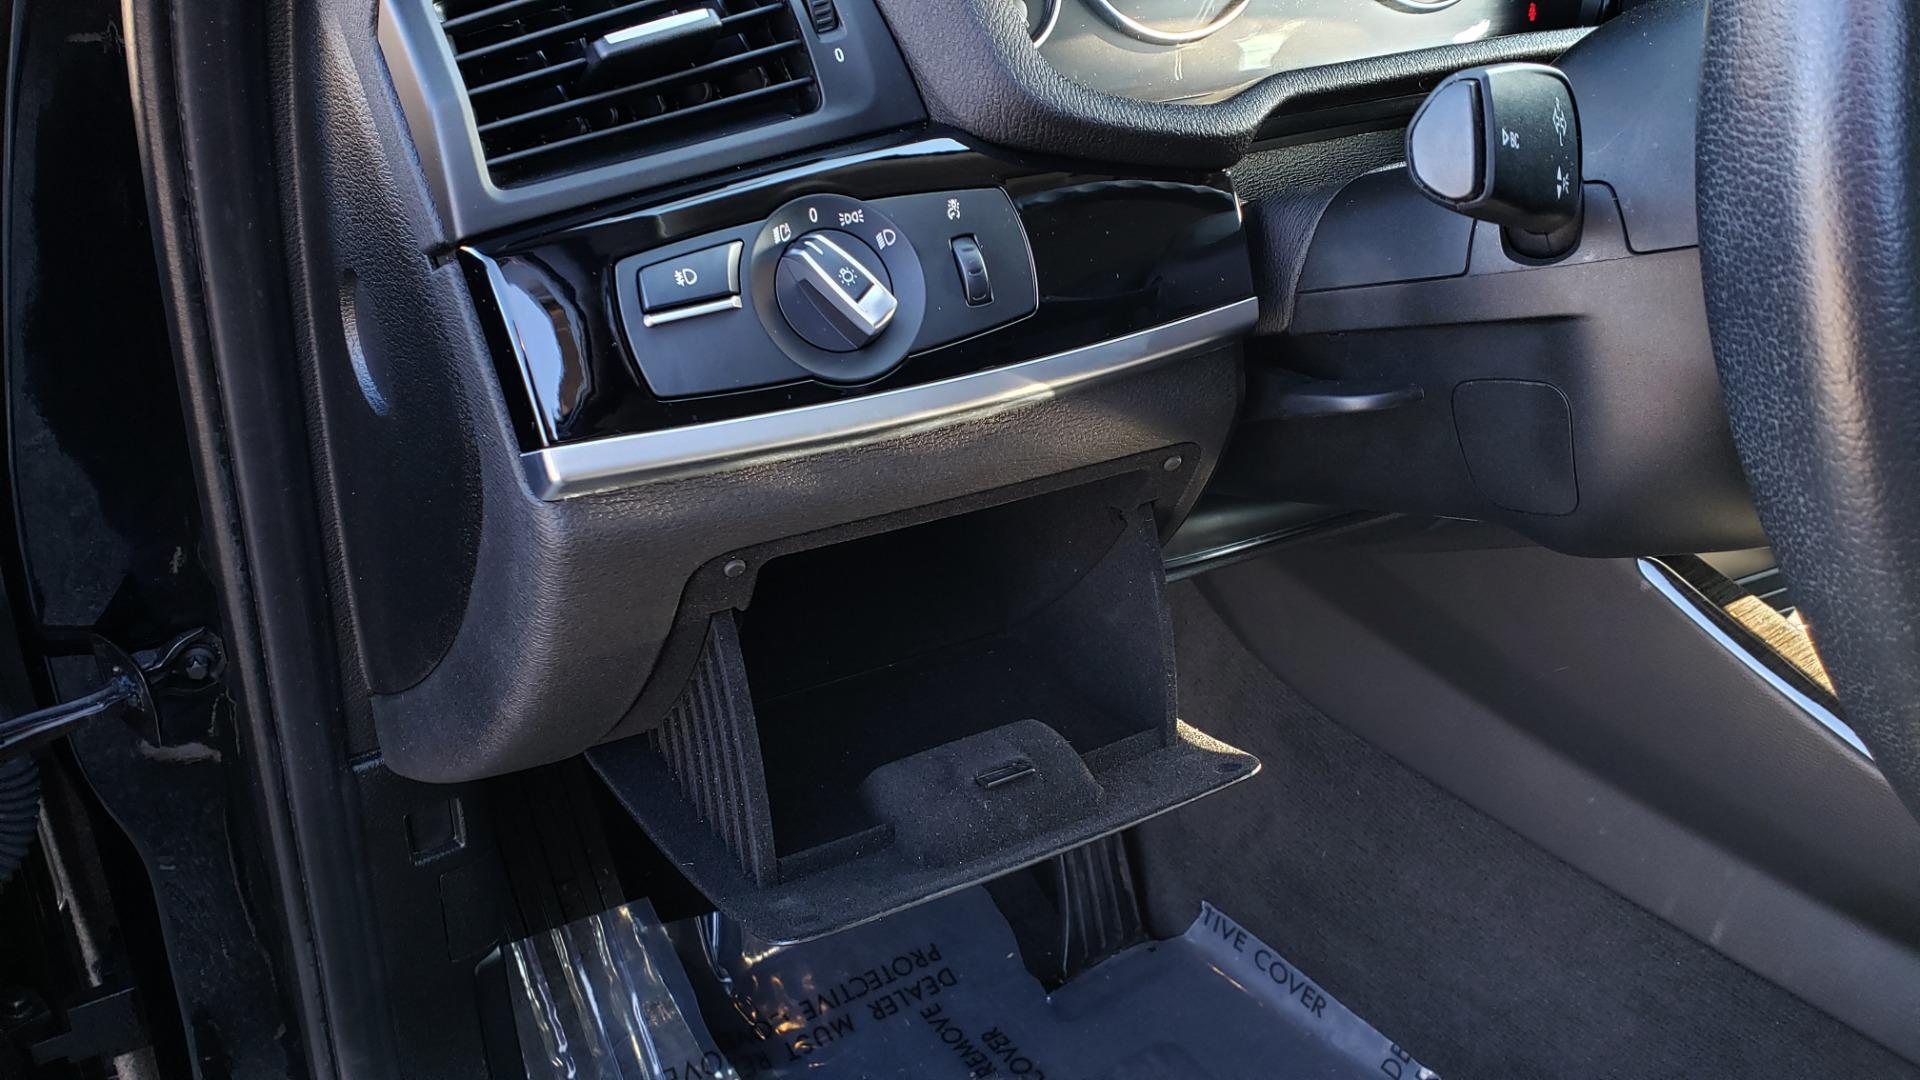 Used 2017 BMW X3 XDRIVE28I / PREM PKG / NAV / DRVR ASST / HTD STS / CAMERAS for sale Sold at Formula Imports in Charlotte NC 28227 44